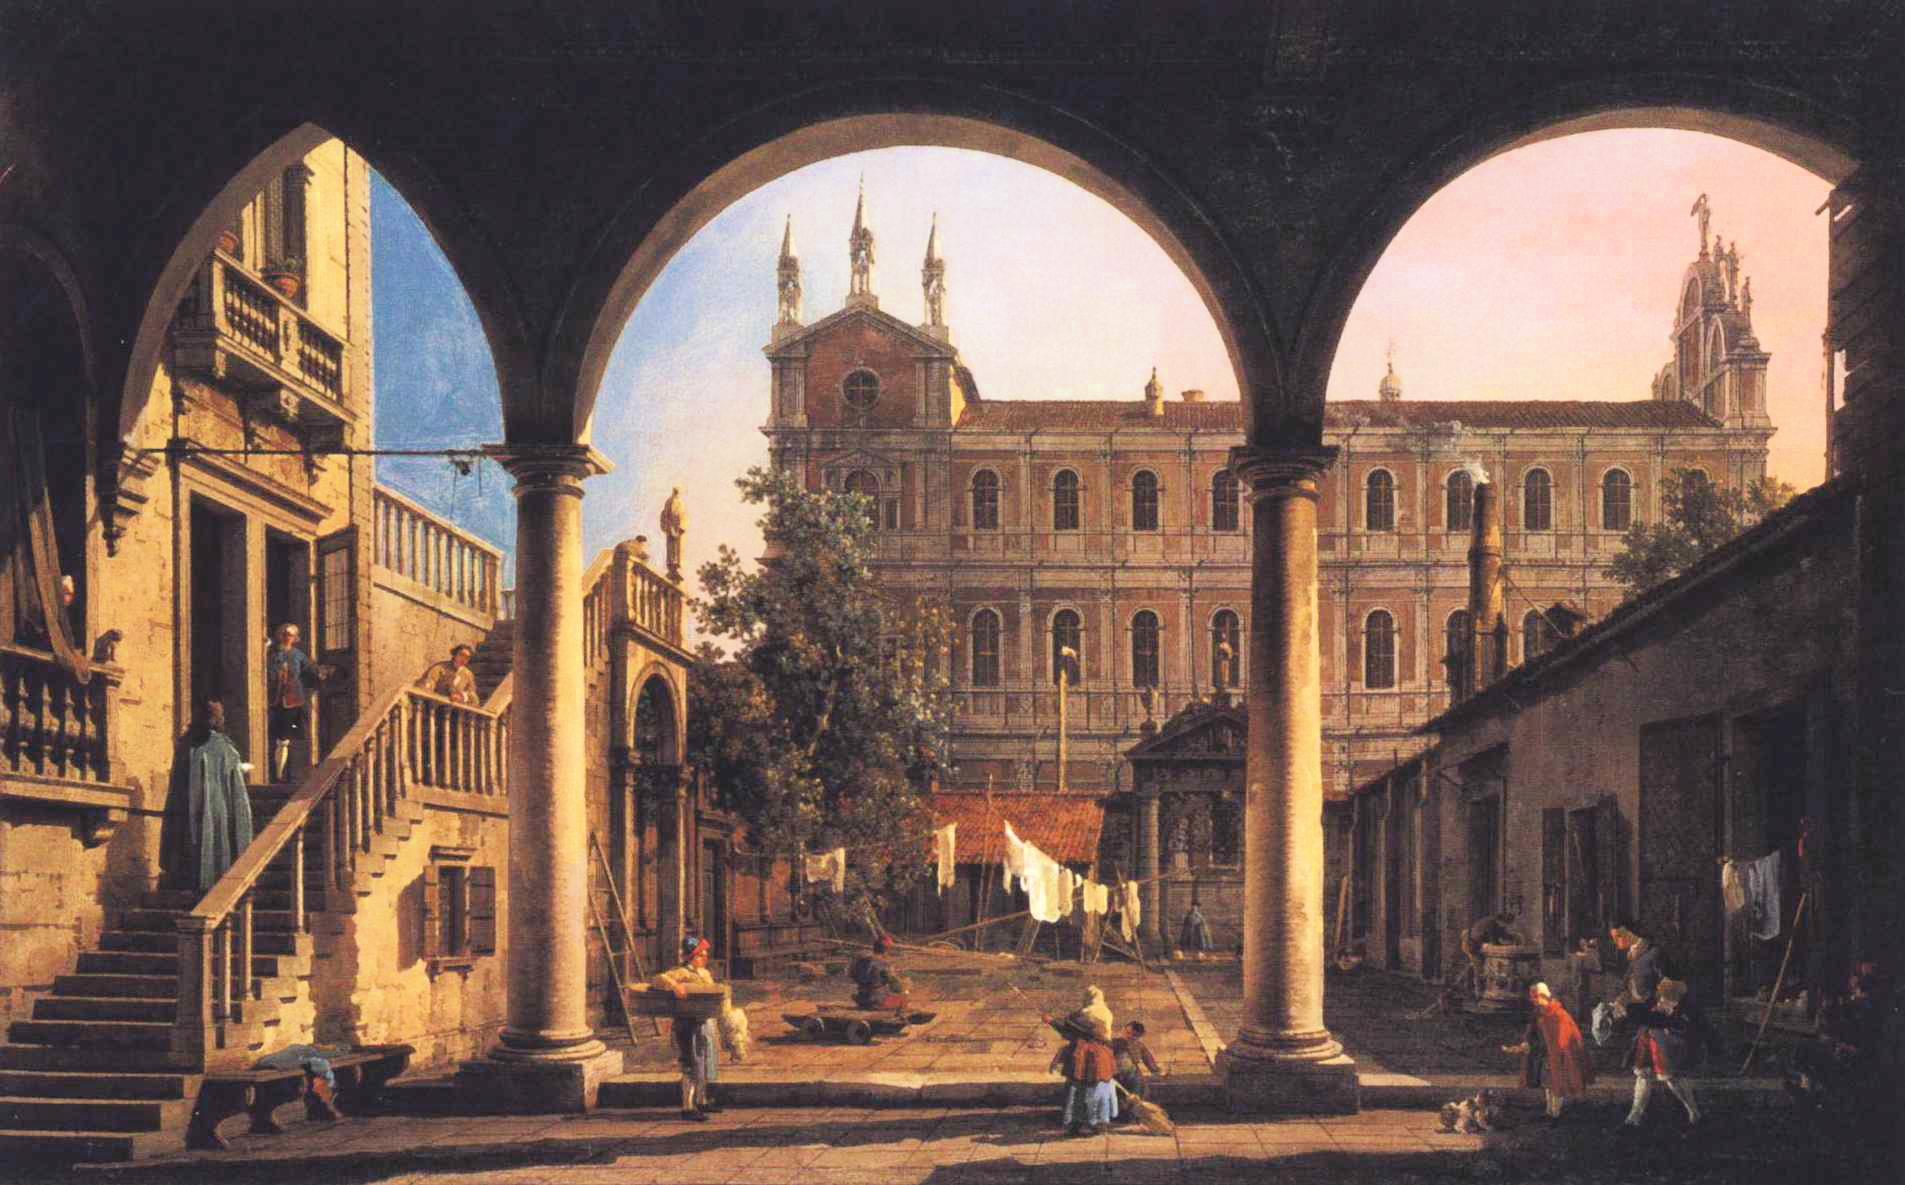 http://upload.wikimedia.org/wikipedia/commons/f/fd/Canaletto_-_Capriccio_of_the_Scuola_di_San_Marco_from_the_Loggia_of_the_Palazzo_Grifalconi-Loredan.JPG